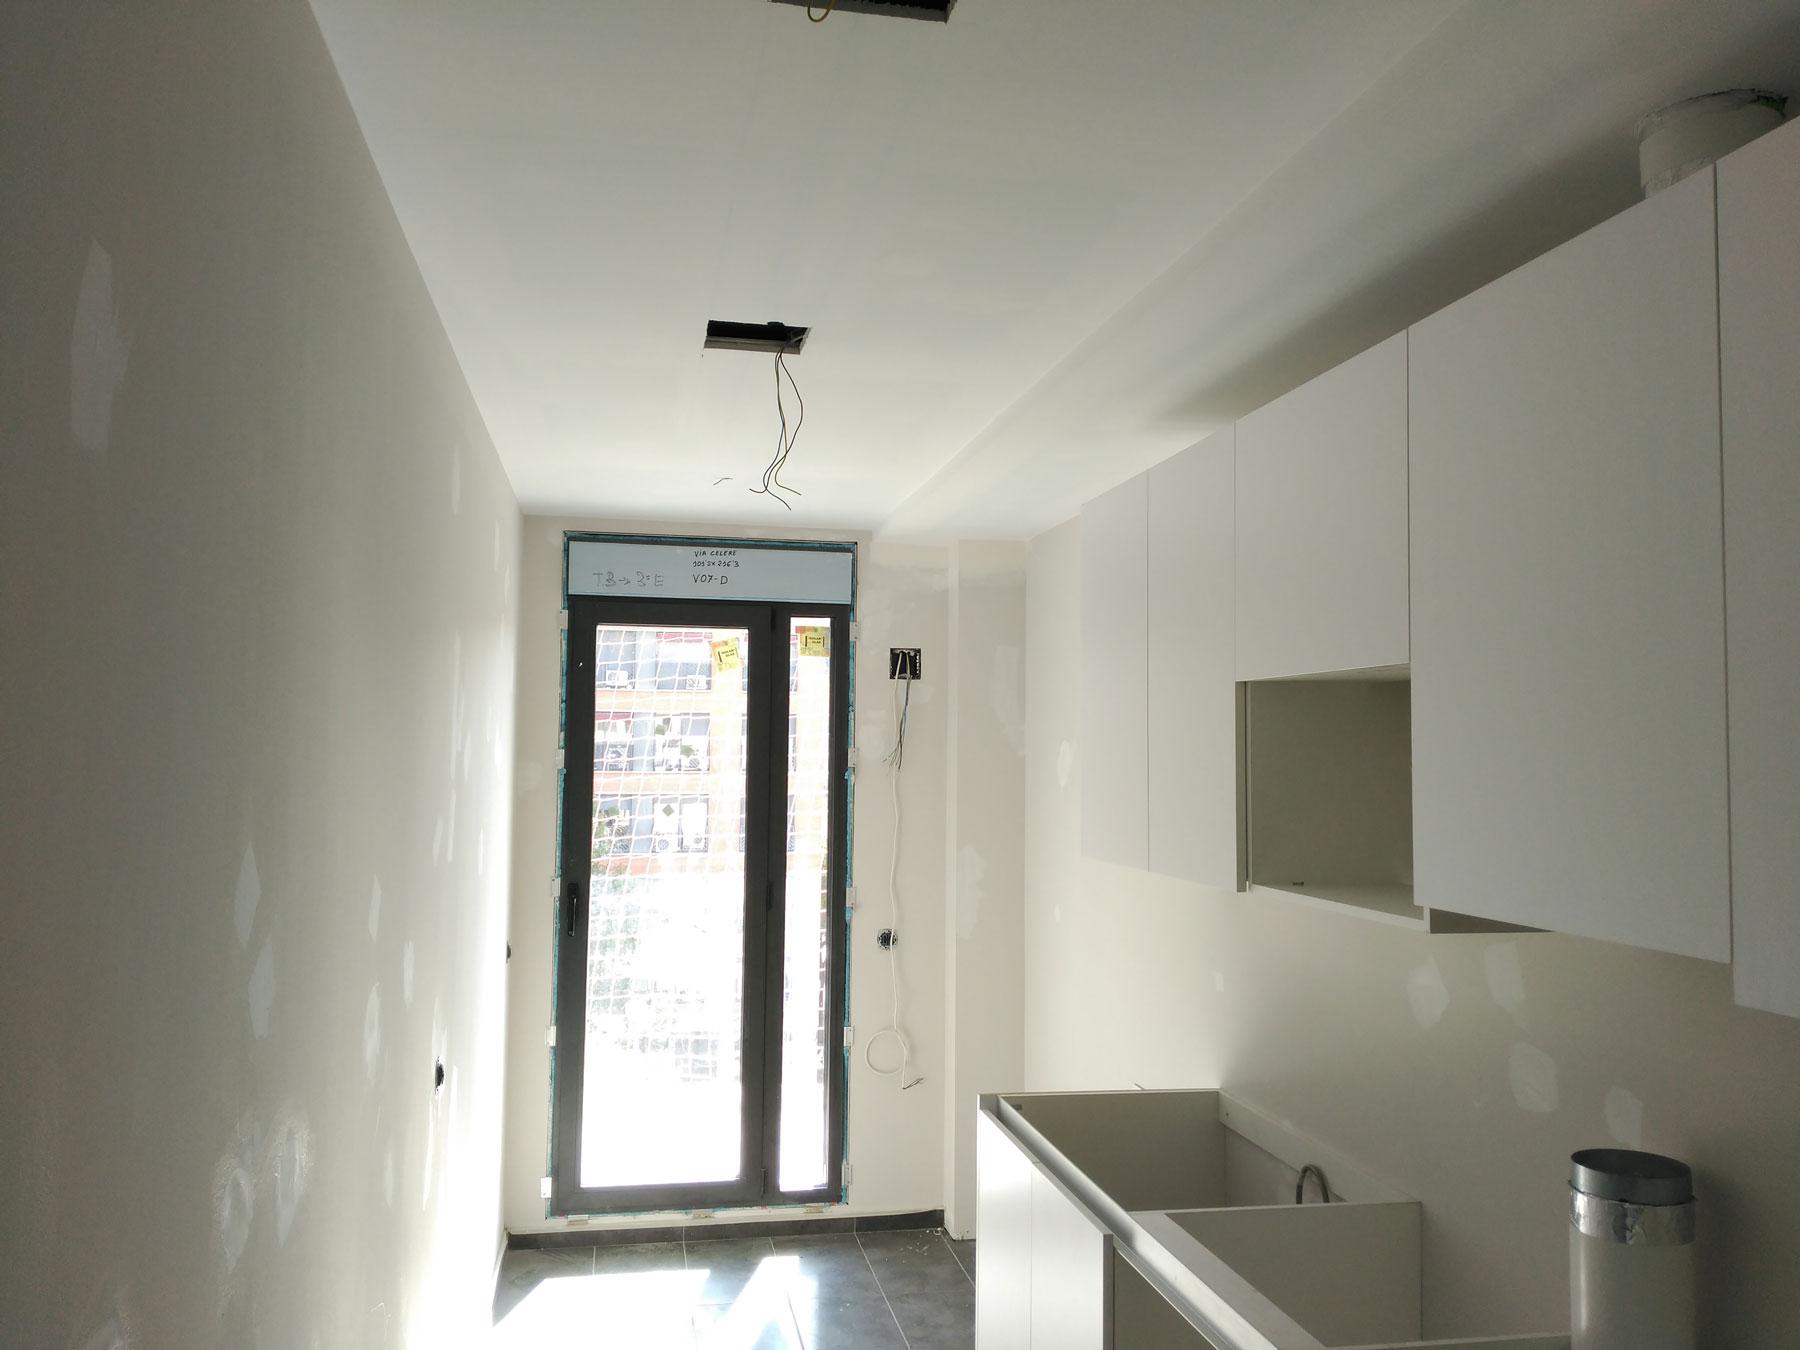 Instalaciones eléctricas y telecomunicaciones en edificio (Batlló Magòria)